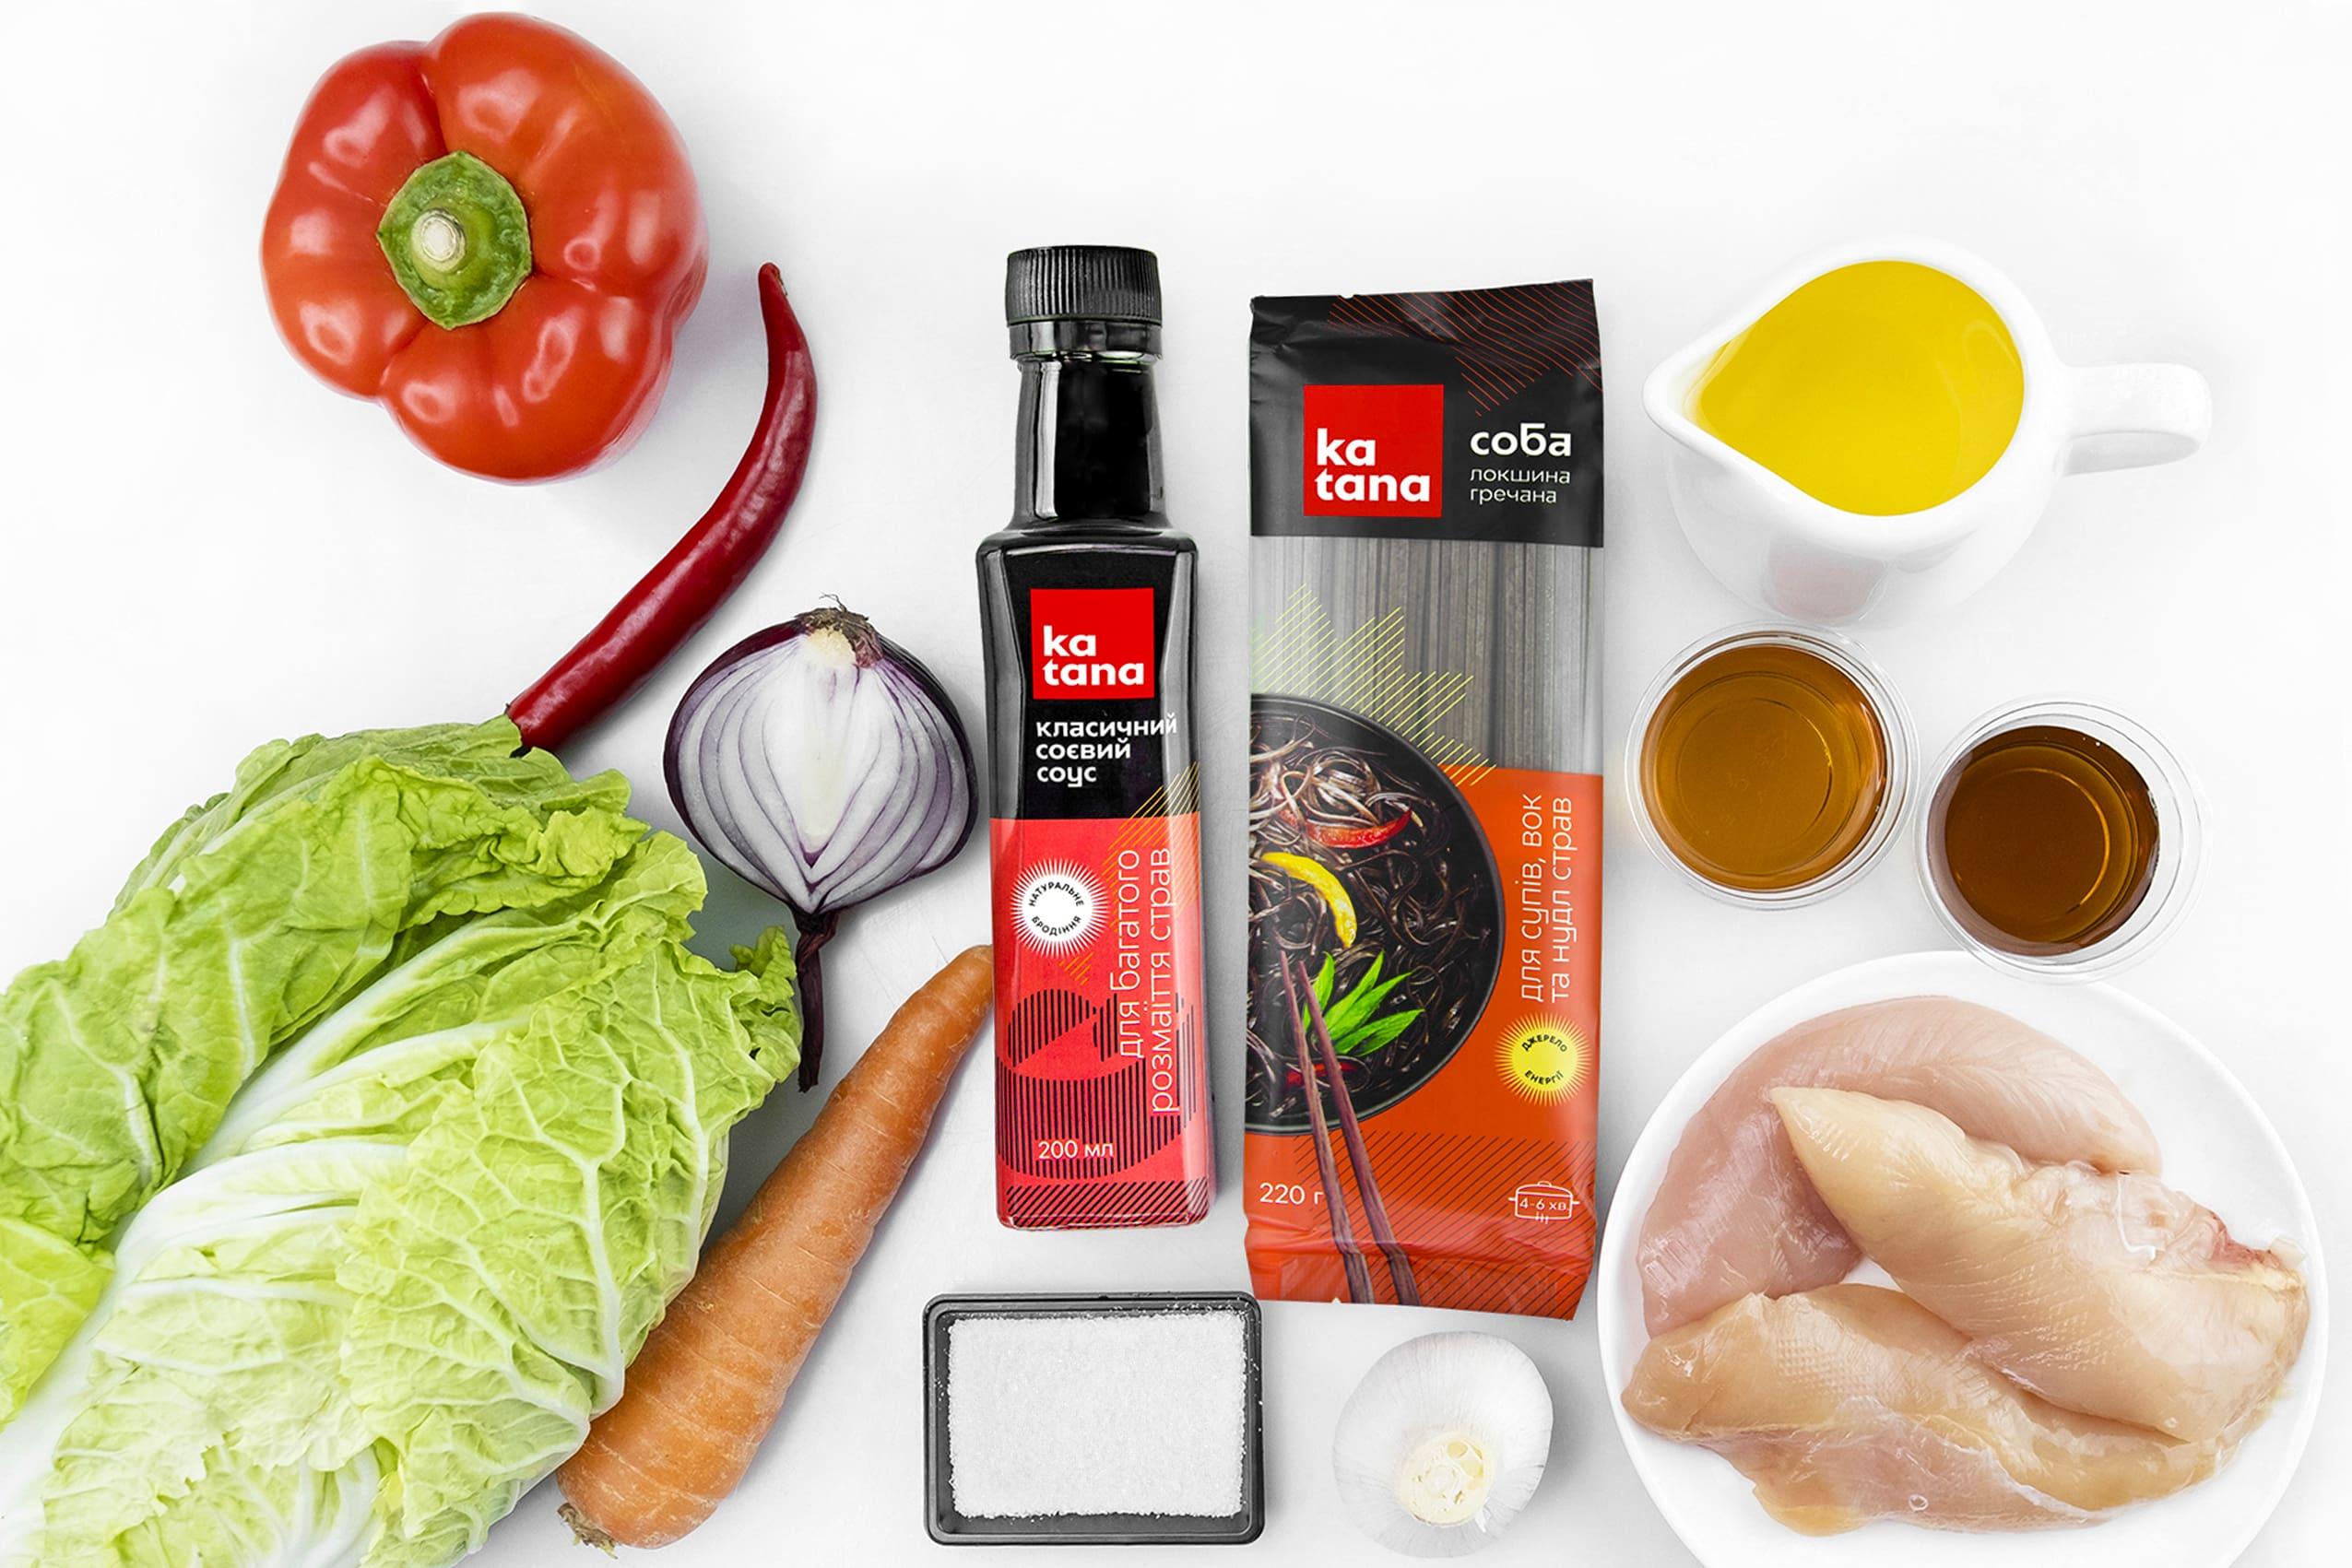 Ингредиенты лапши Якисоба с курицей